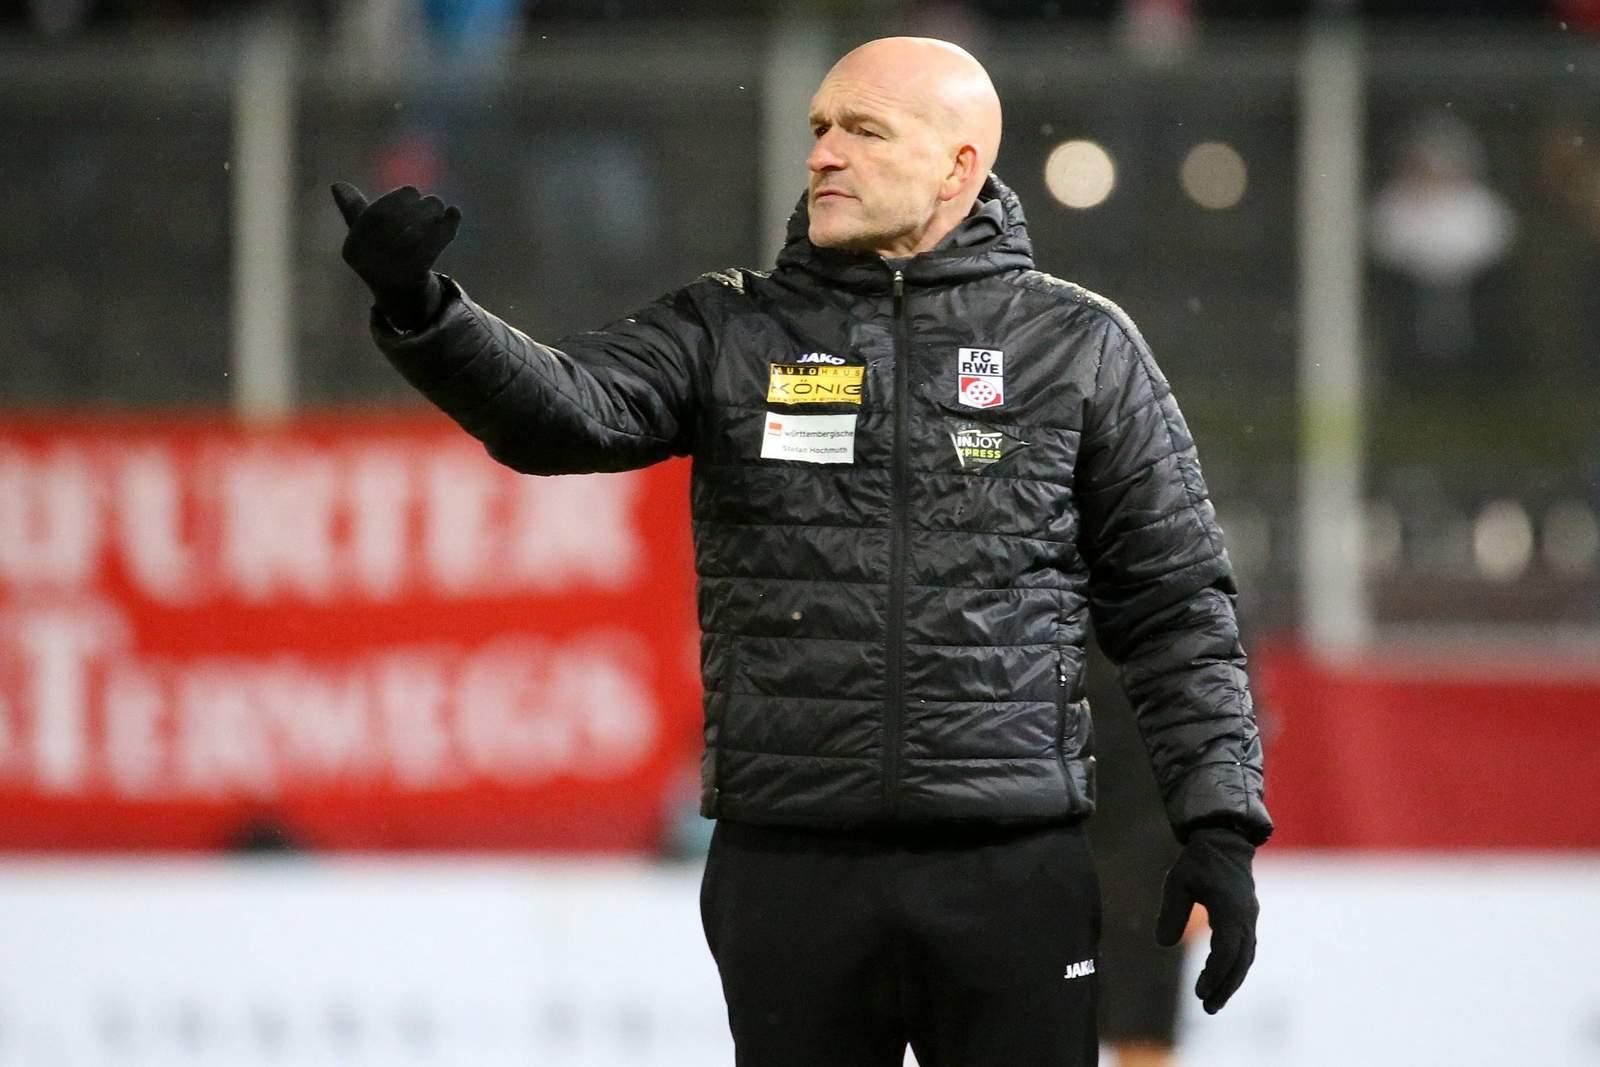 Vorbereitungen für den Neubeginn: RWE-Sportchef Stefan Emmerling